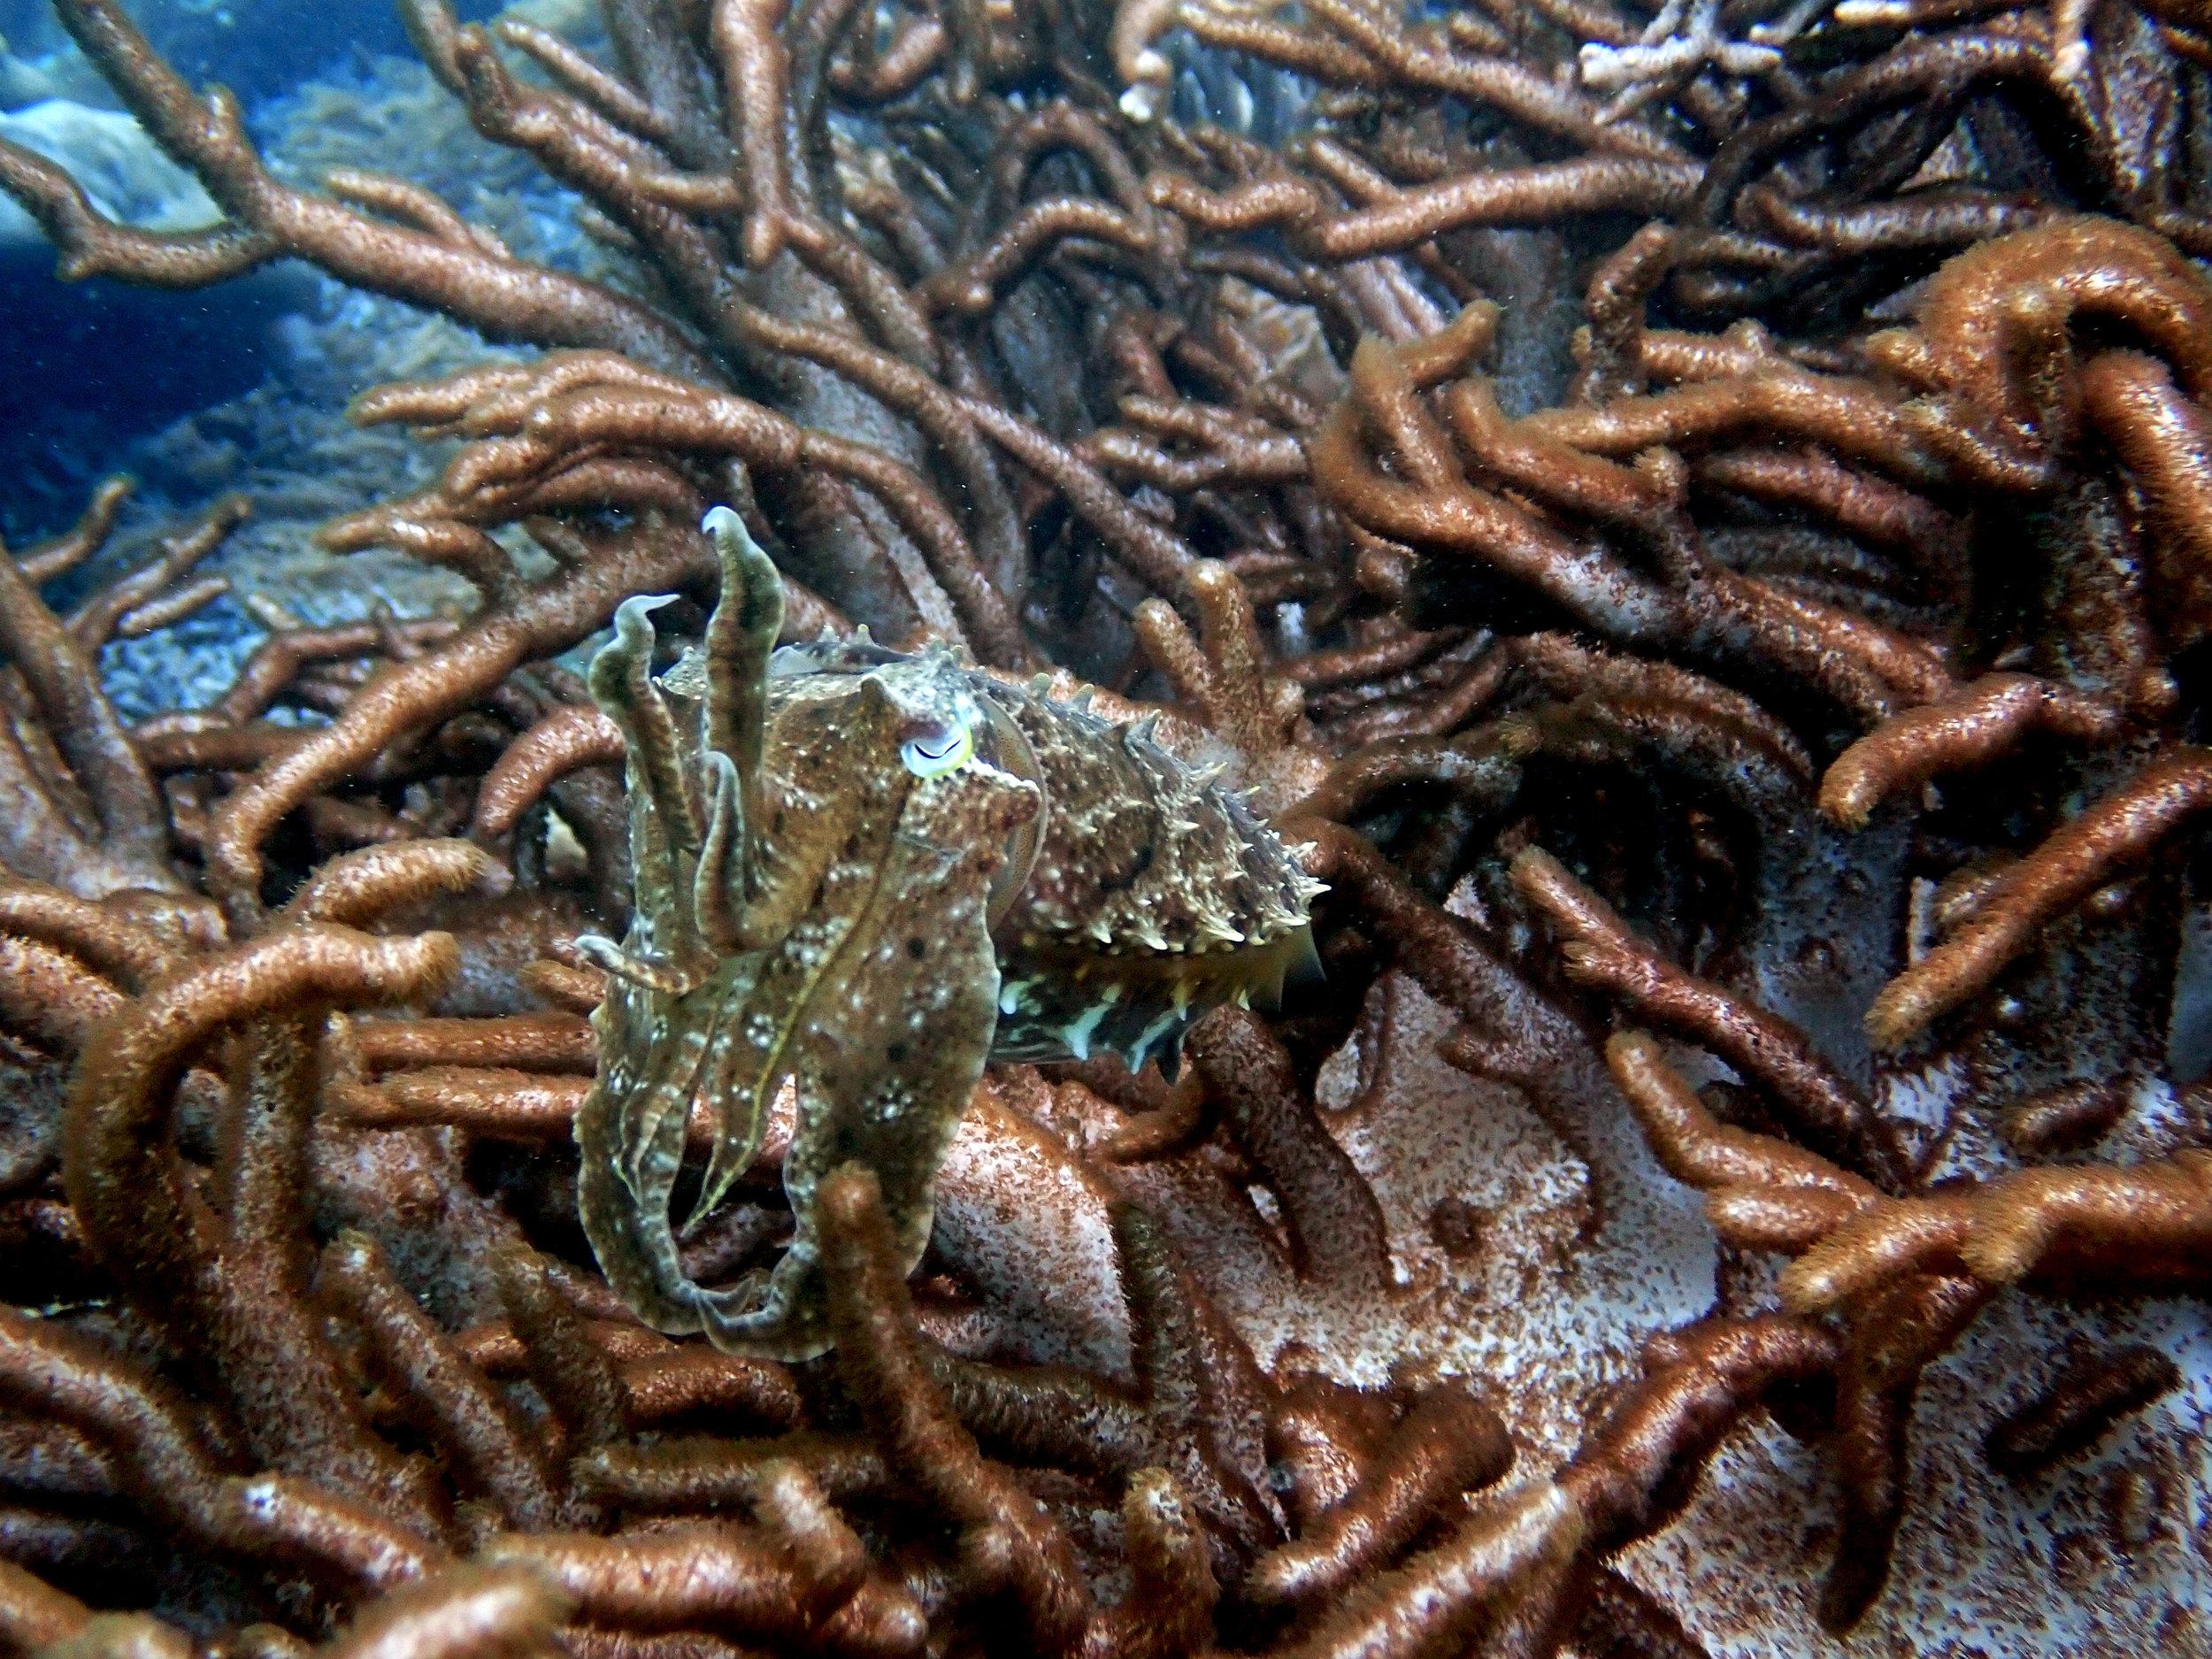 cuttlefish near wreck.jpg